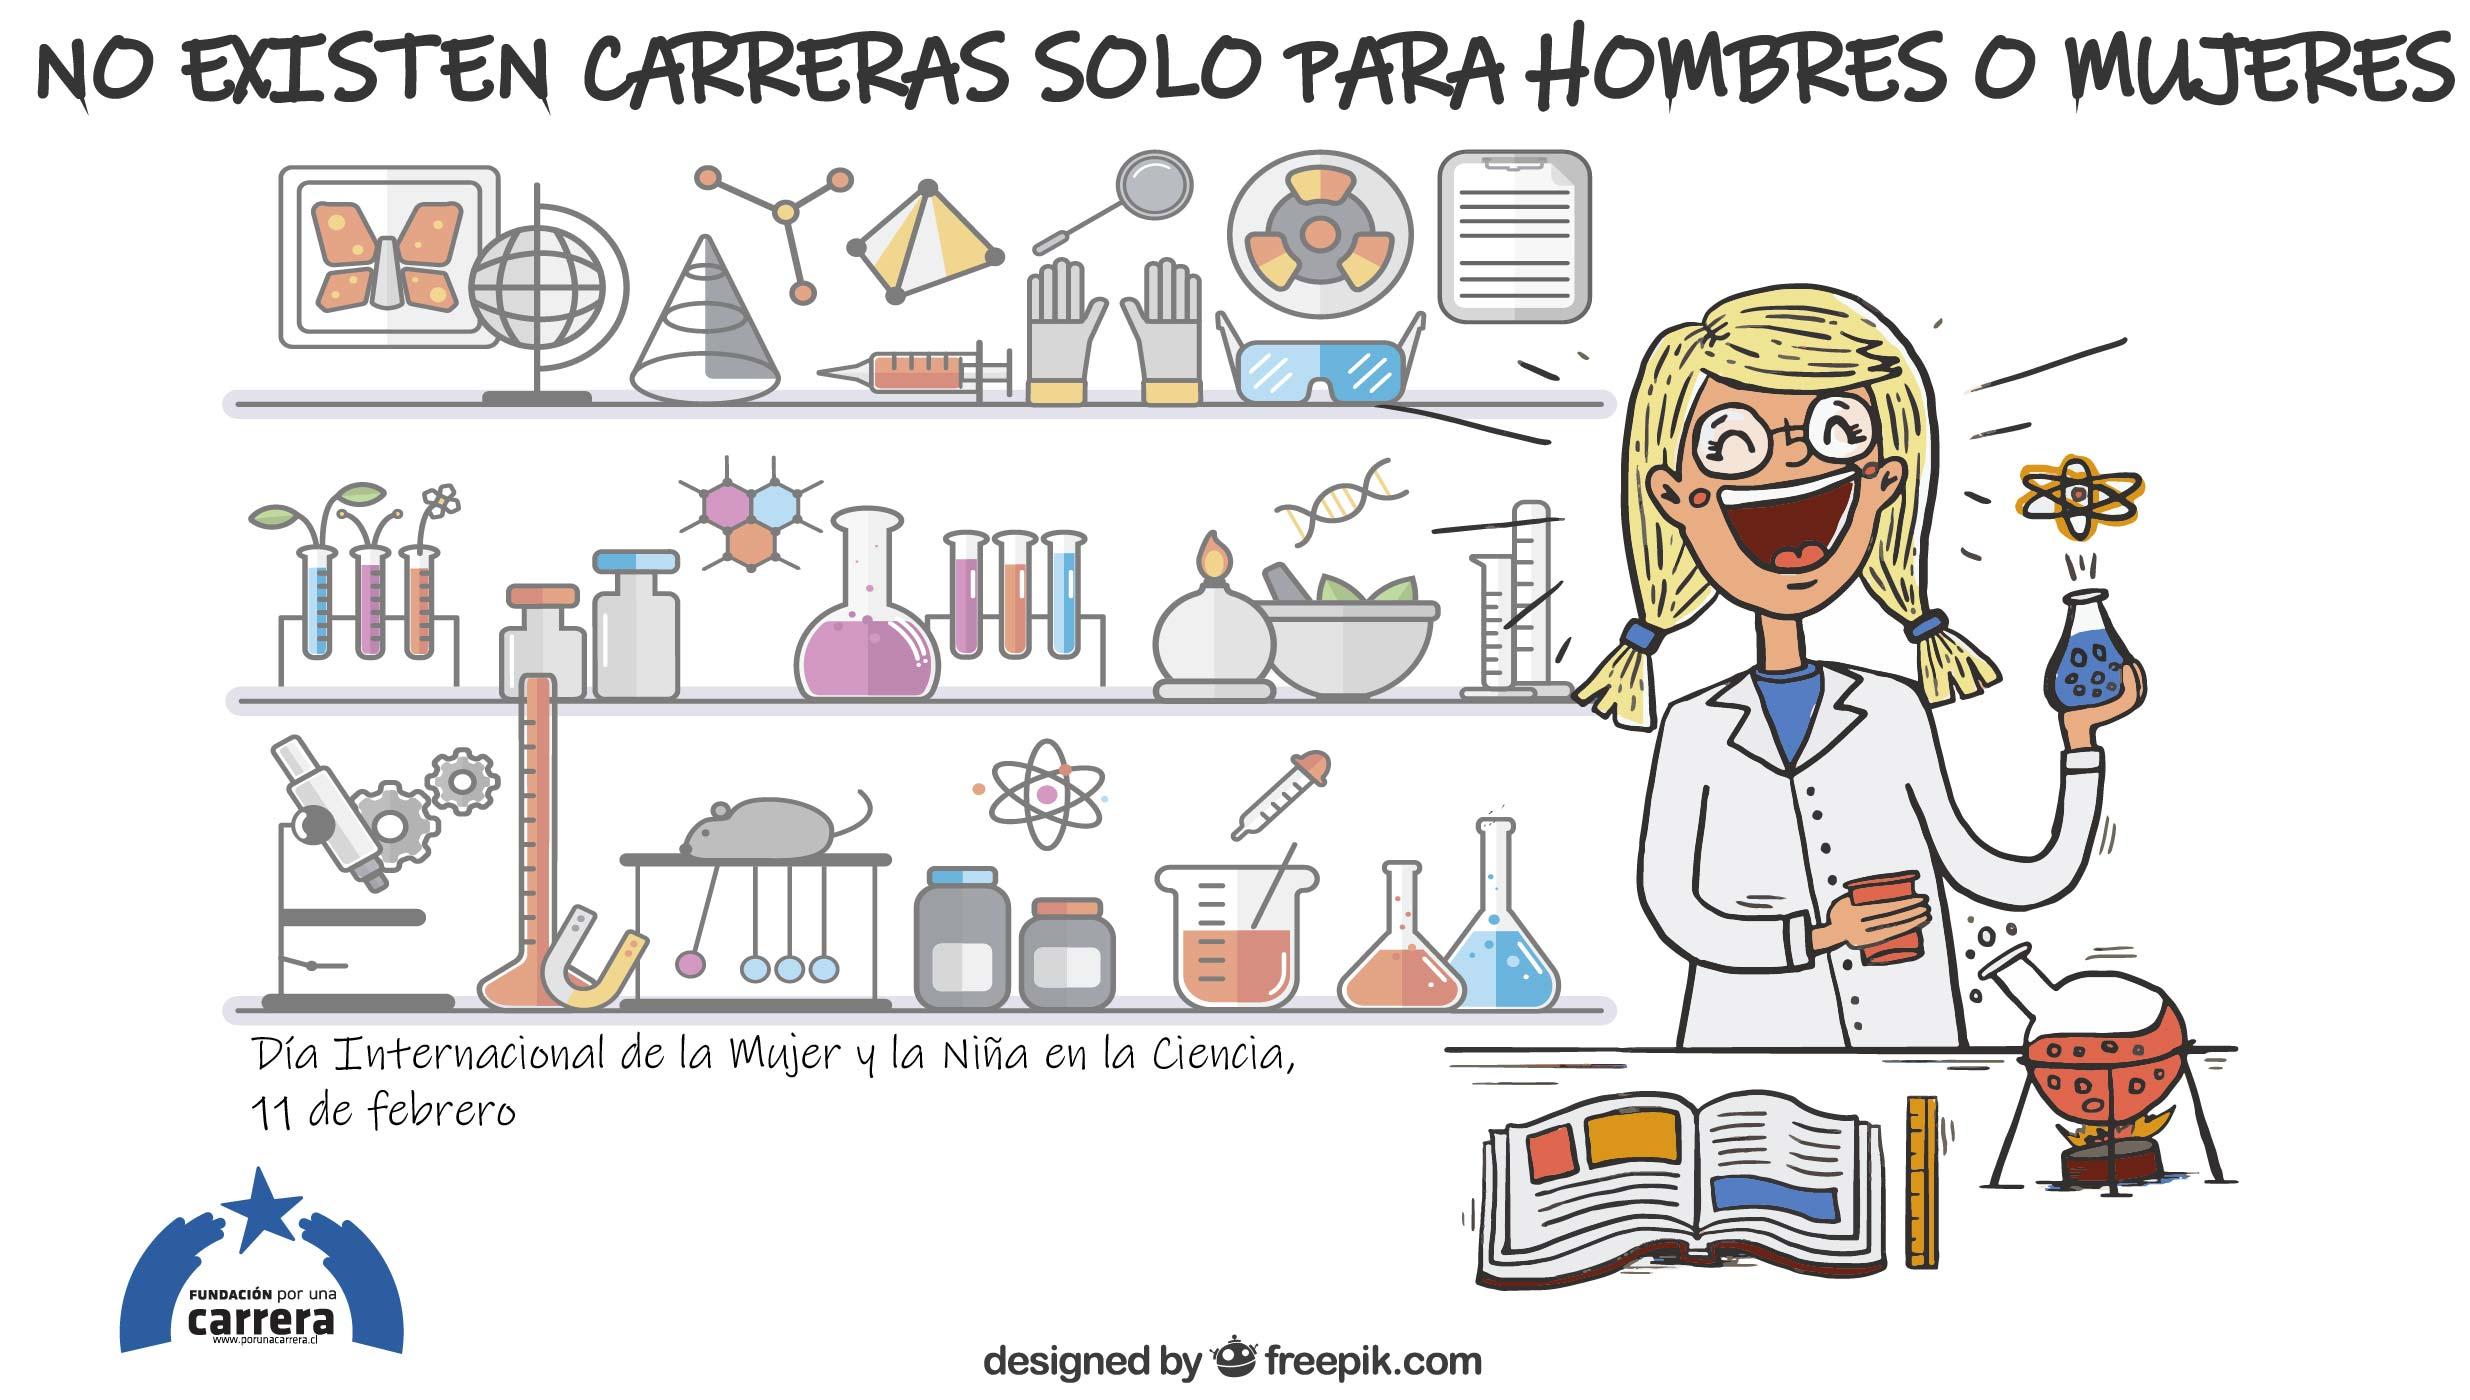 901bebc30a 11 de febrero día internacional de la mujer y niña en la ciencia ...